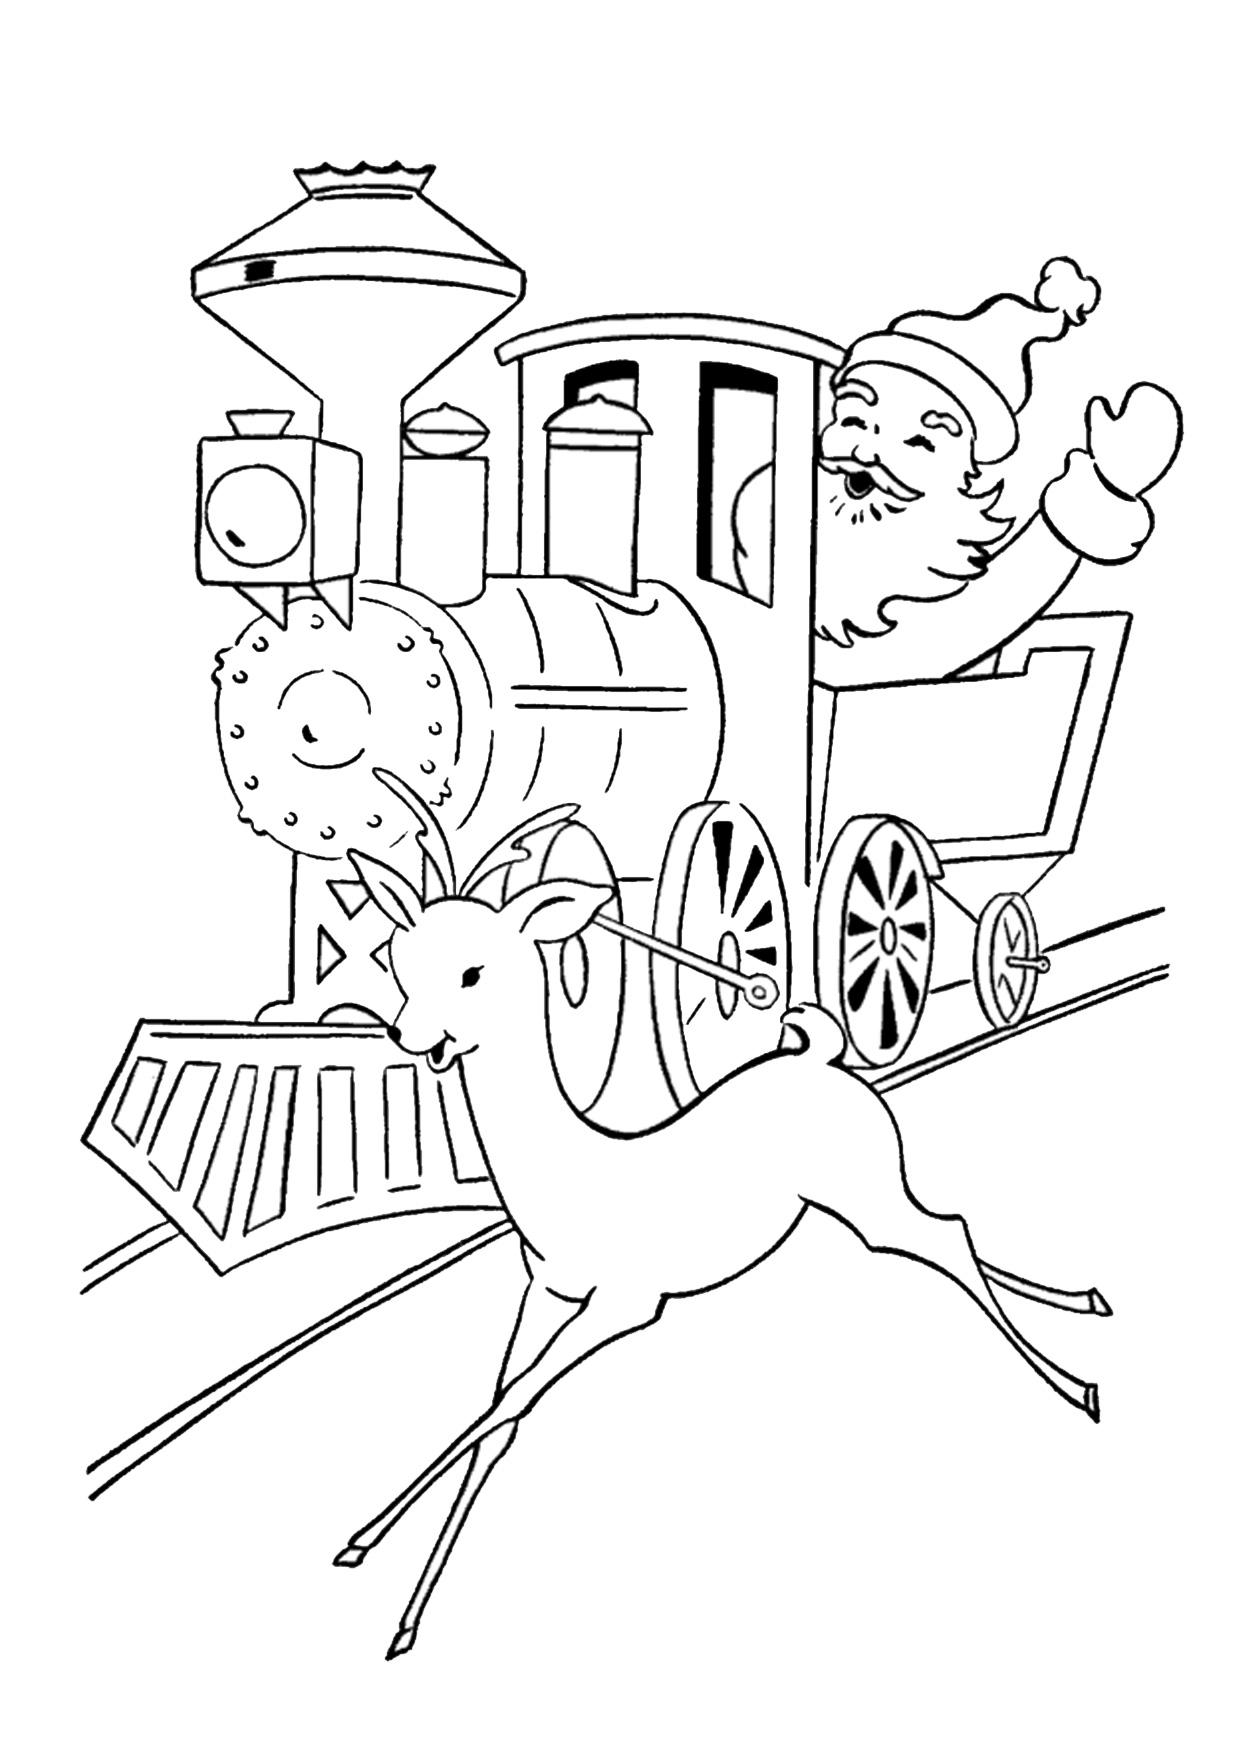 Disegno di treno cartoon da colorare 17